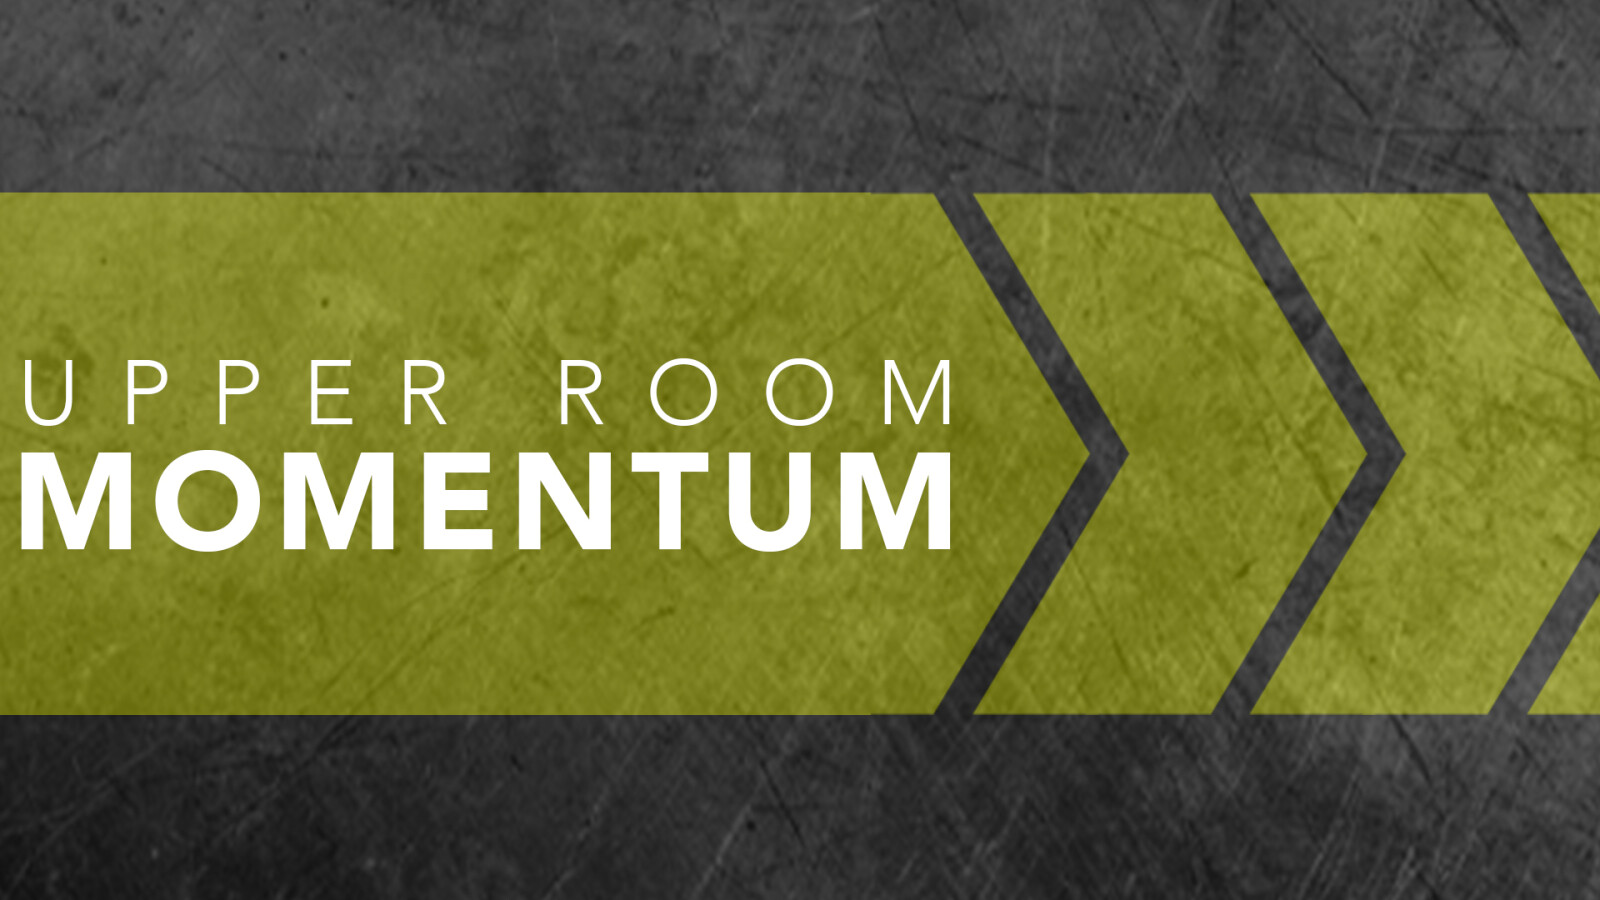 Upper Room Momentum